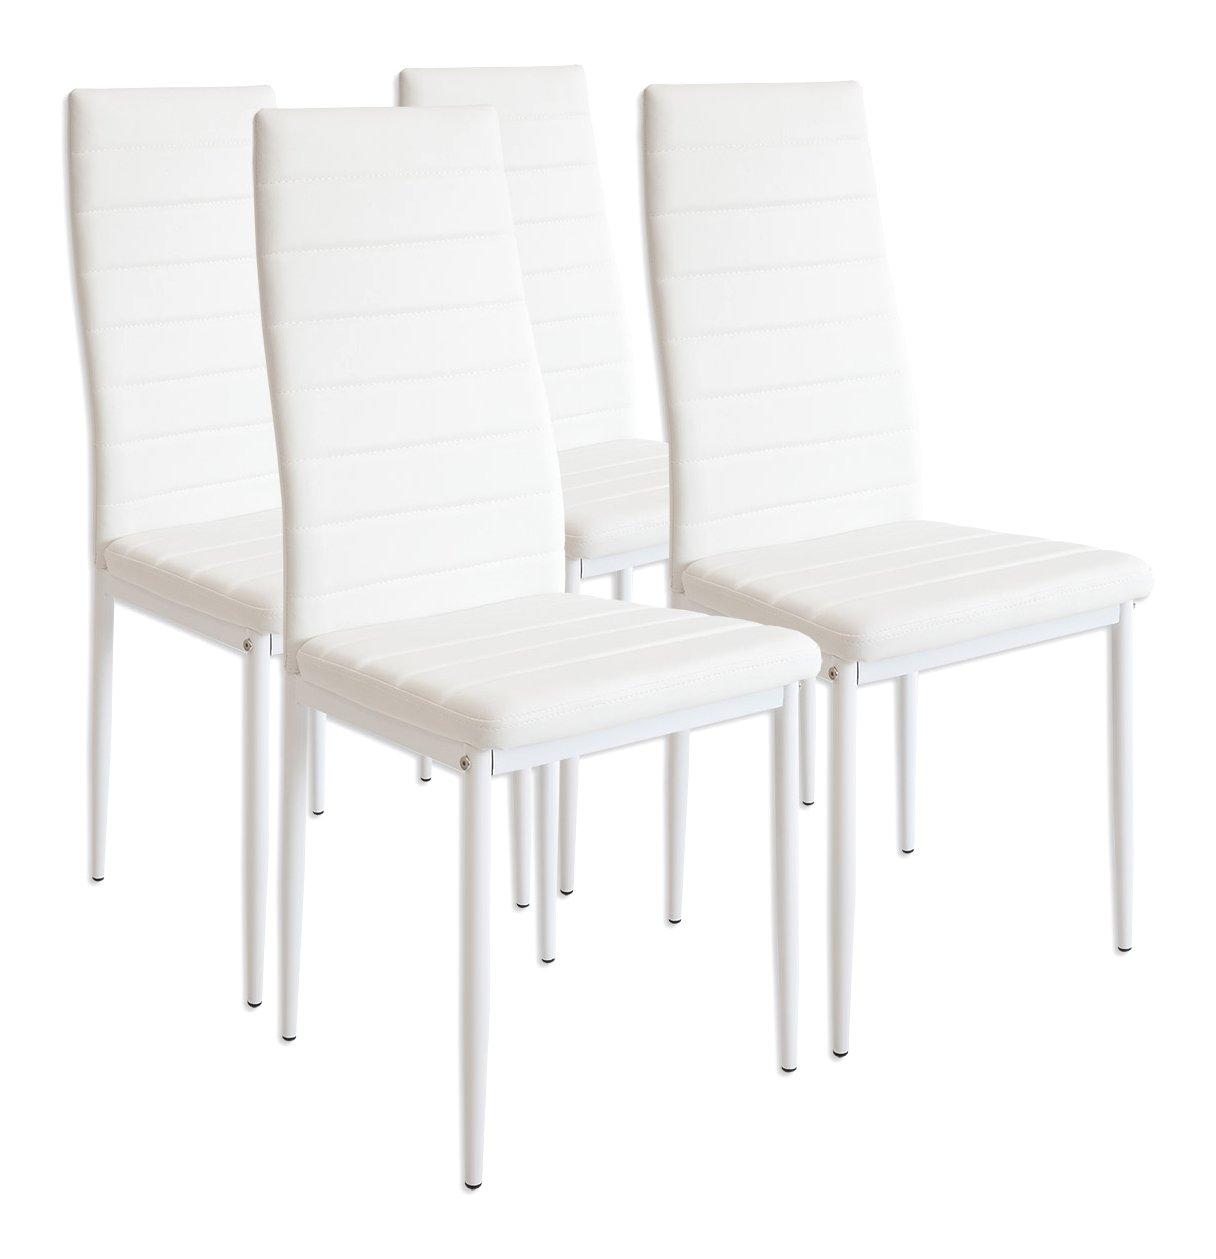 Wundervoll Stühle Esszimmer Sammlung Von Albatros 2552 Milano 4 X Esszimmerstuhl, Weiß